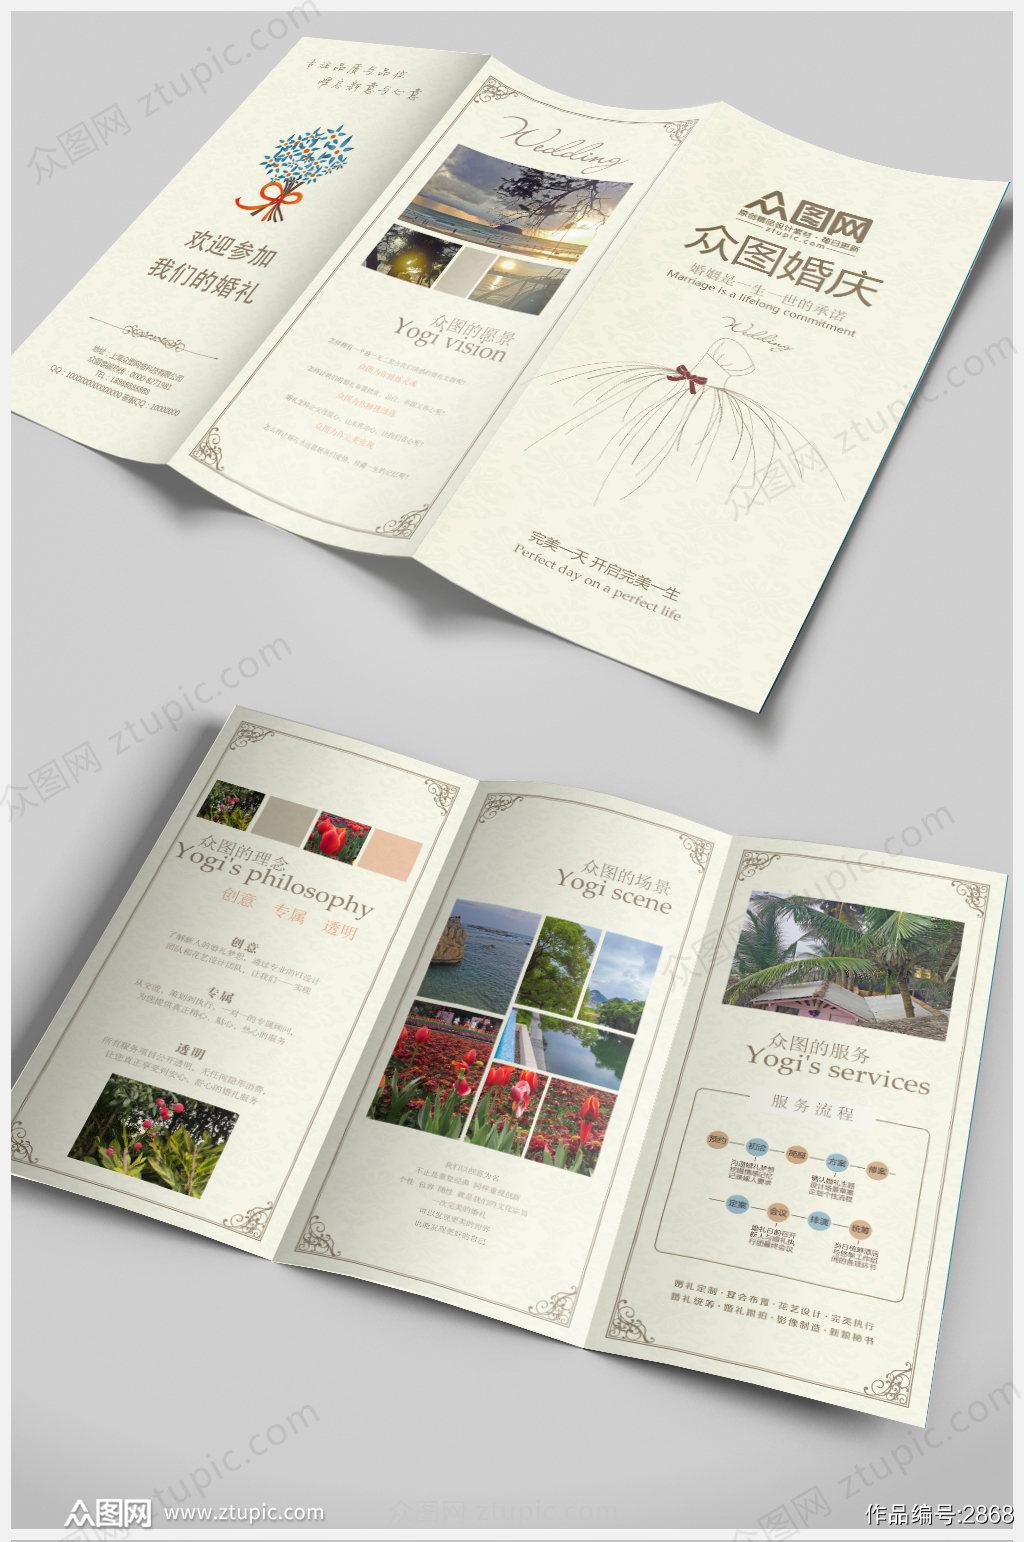 米色简约时尚大气婚庆公司婚礼宣传三折页素材